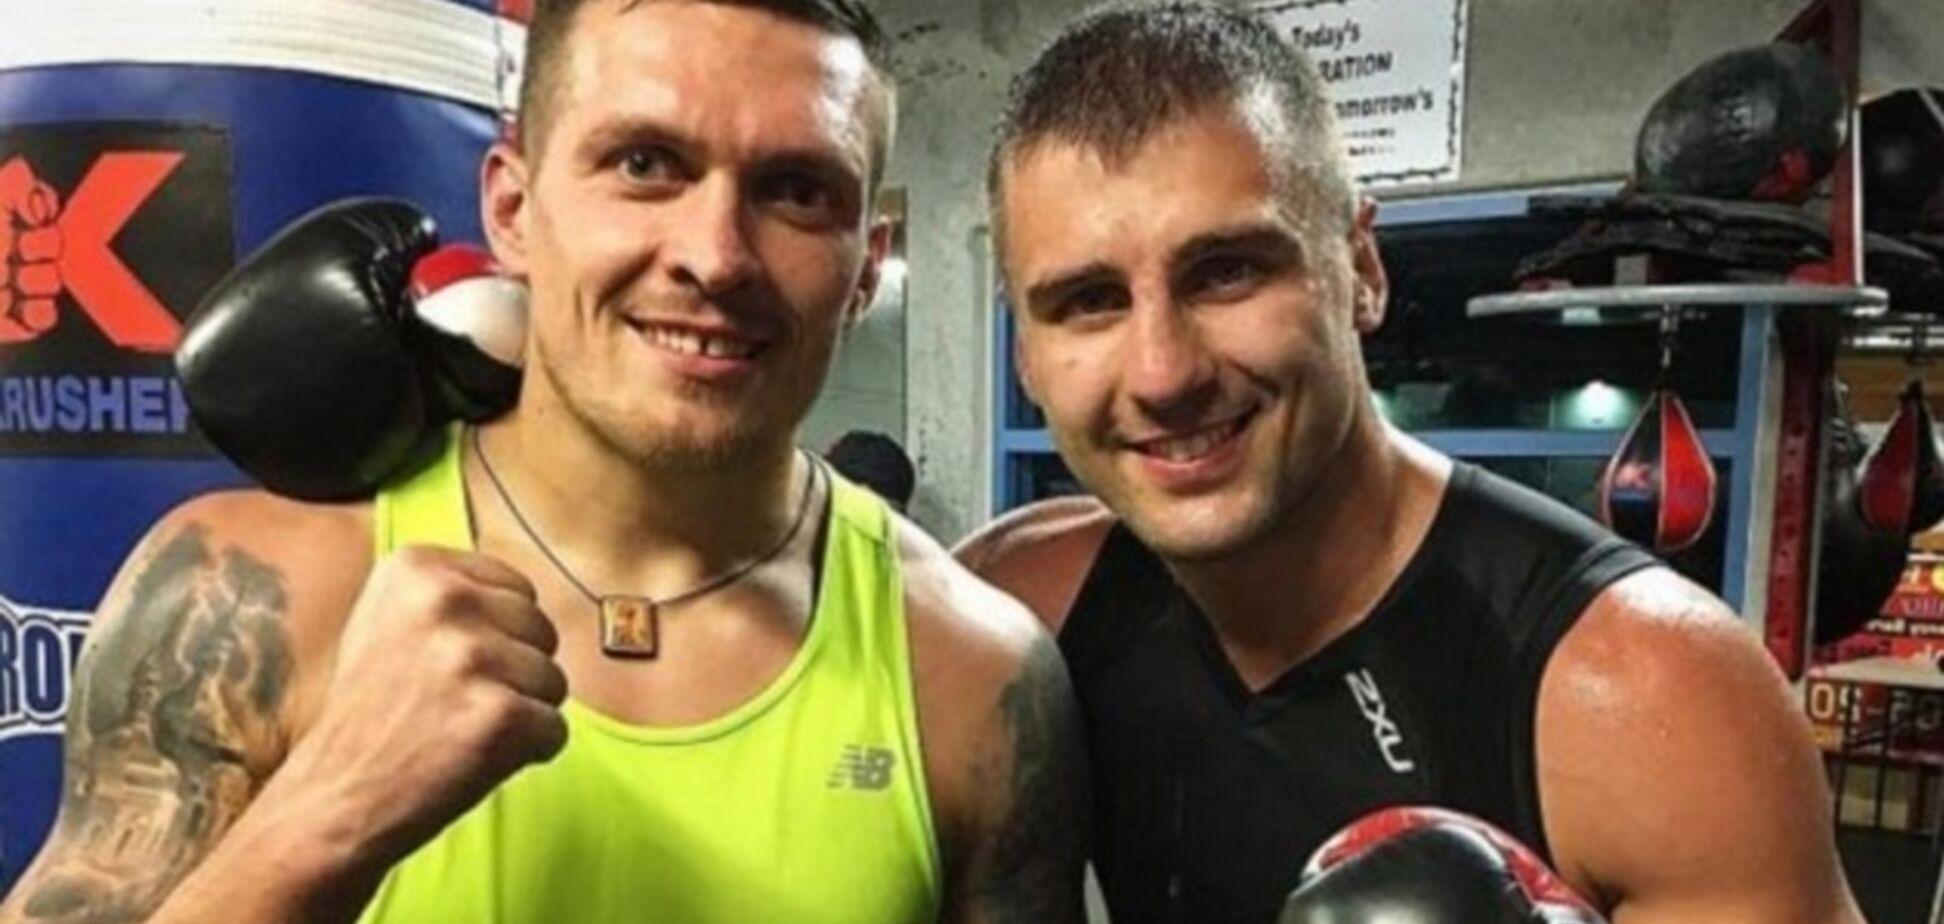 'Банда': Гвоздик показал раритетное фото с Усиком и Ломаченко